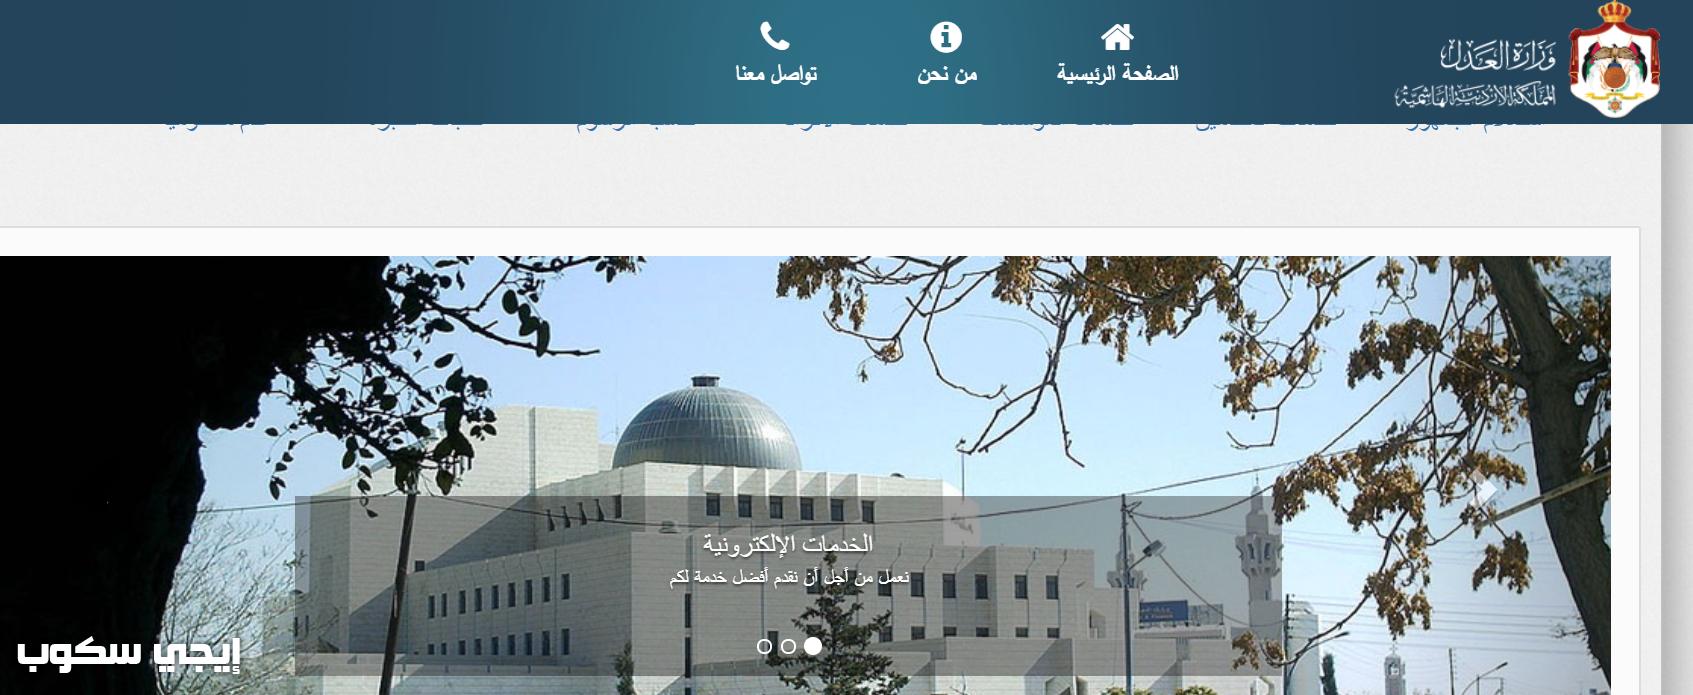 استعلام الدعاوى وطلبات الجمهور موقع وزارة العدل الأردنية الخدمات الإلكترونية - إيجي سكوب